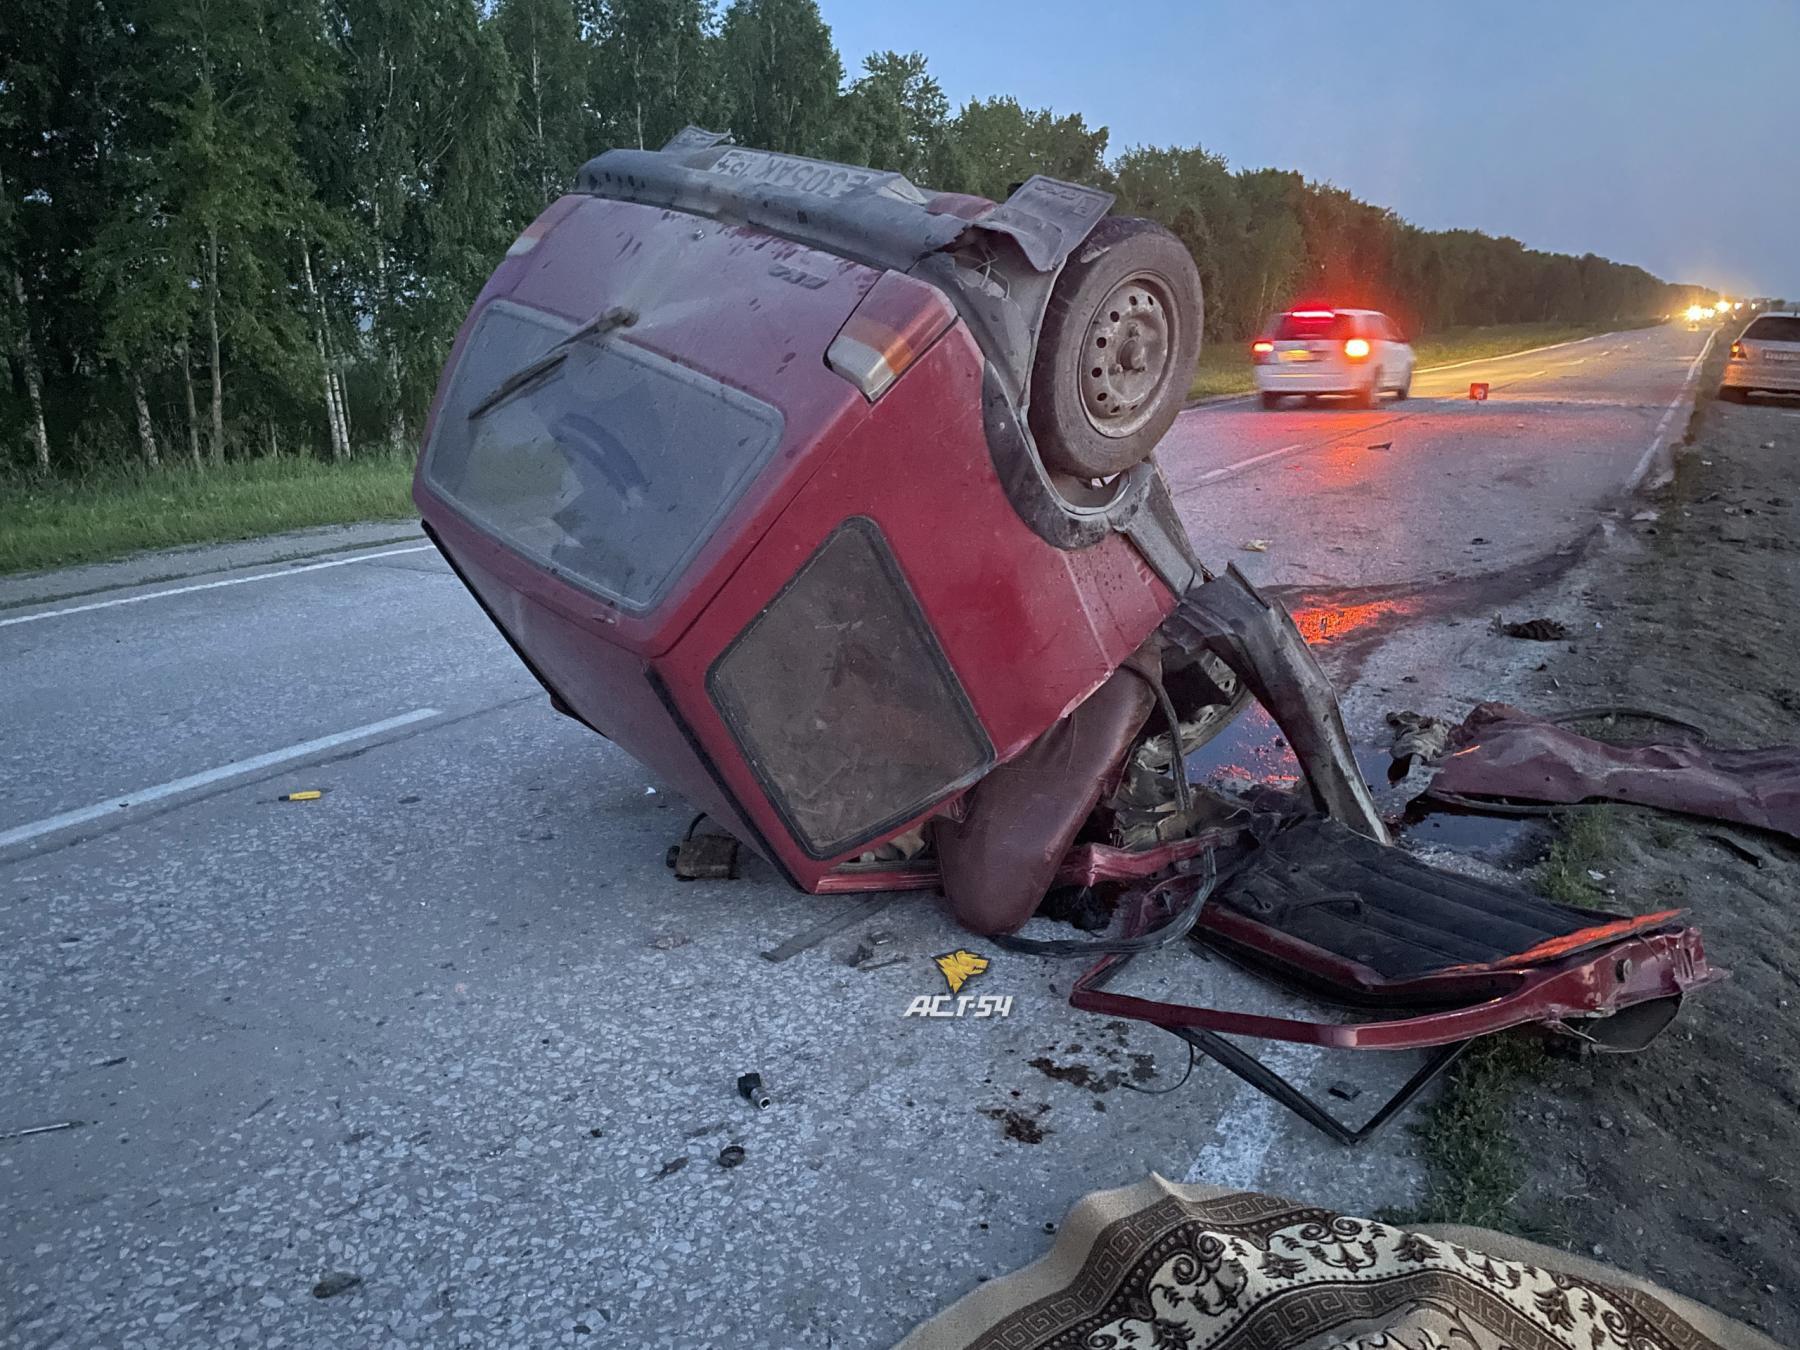 Фото Водитель «Оки» погиб в ДТП с кроссовером Hyundai на трассе под Новосибирском 2